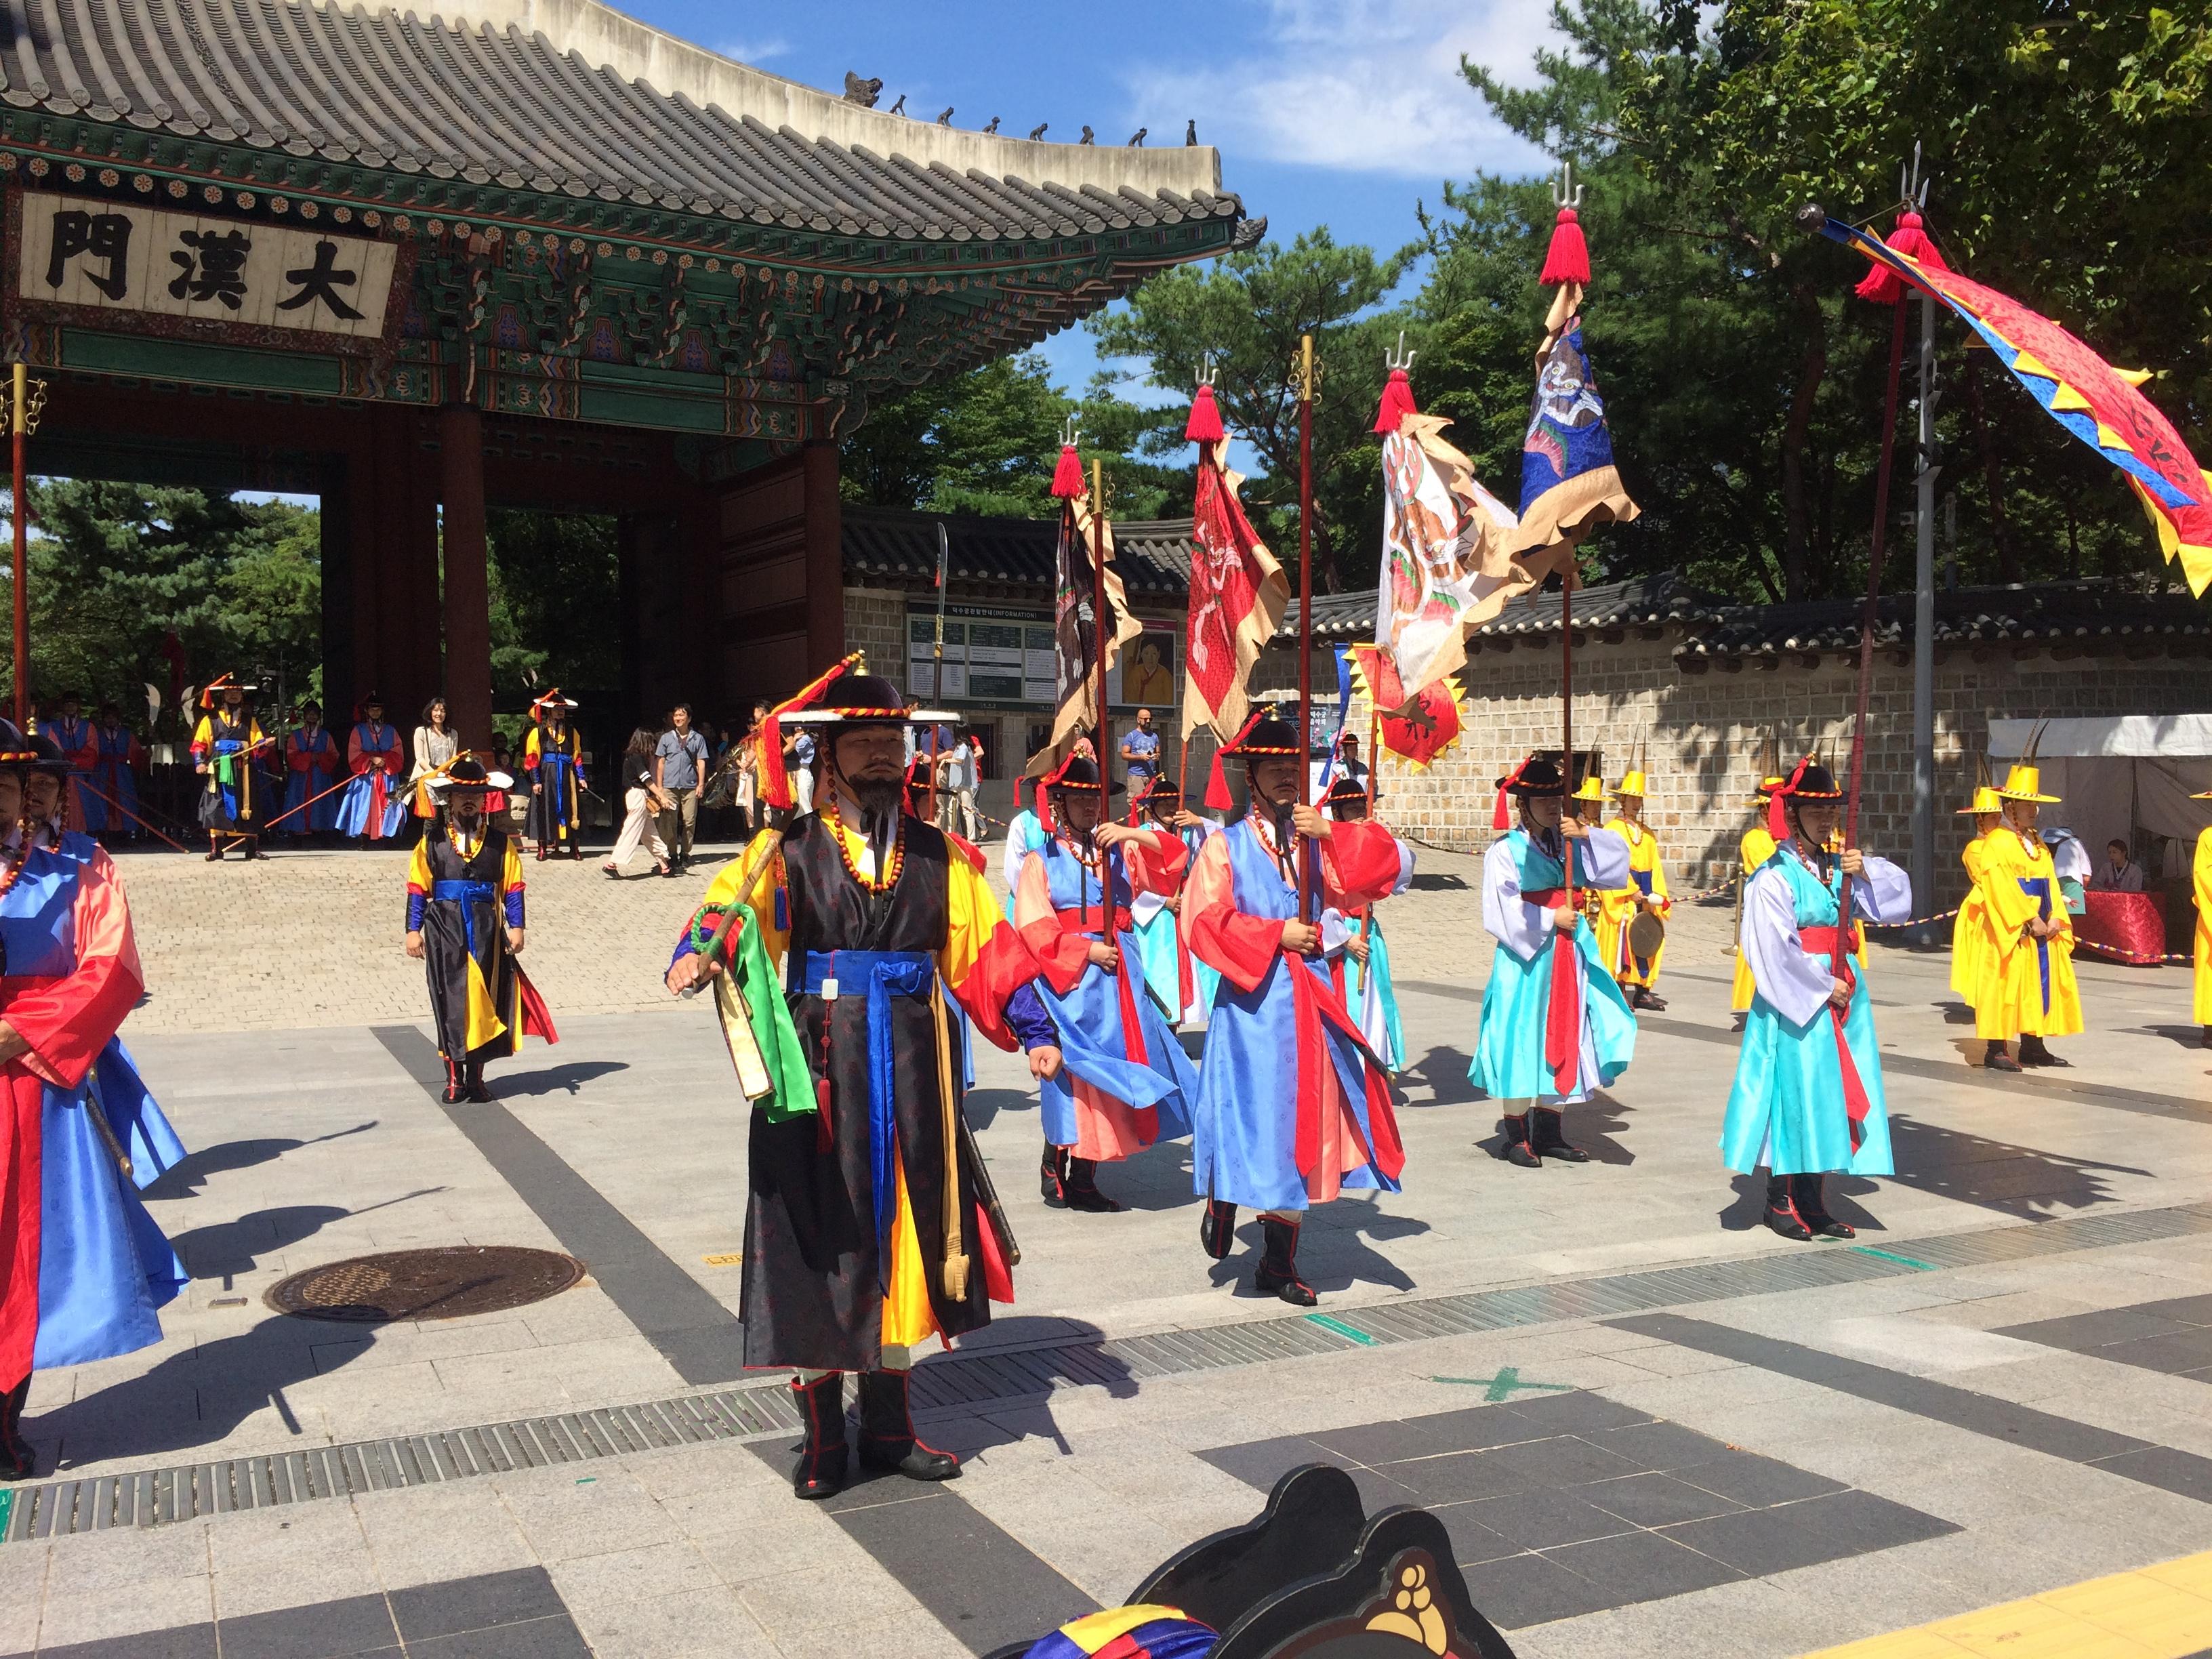 韓国旅行記(その2)#地下鉄#財閥#景福宮#参鶏湯